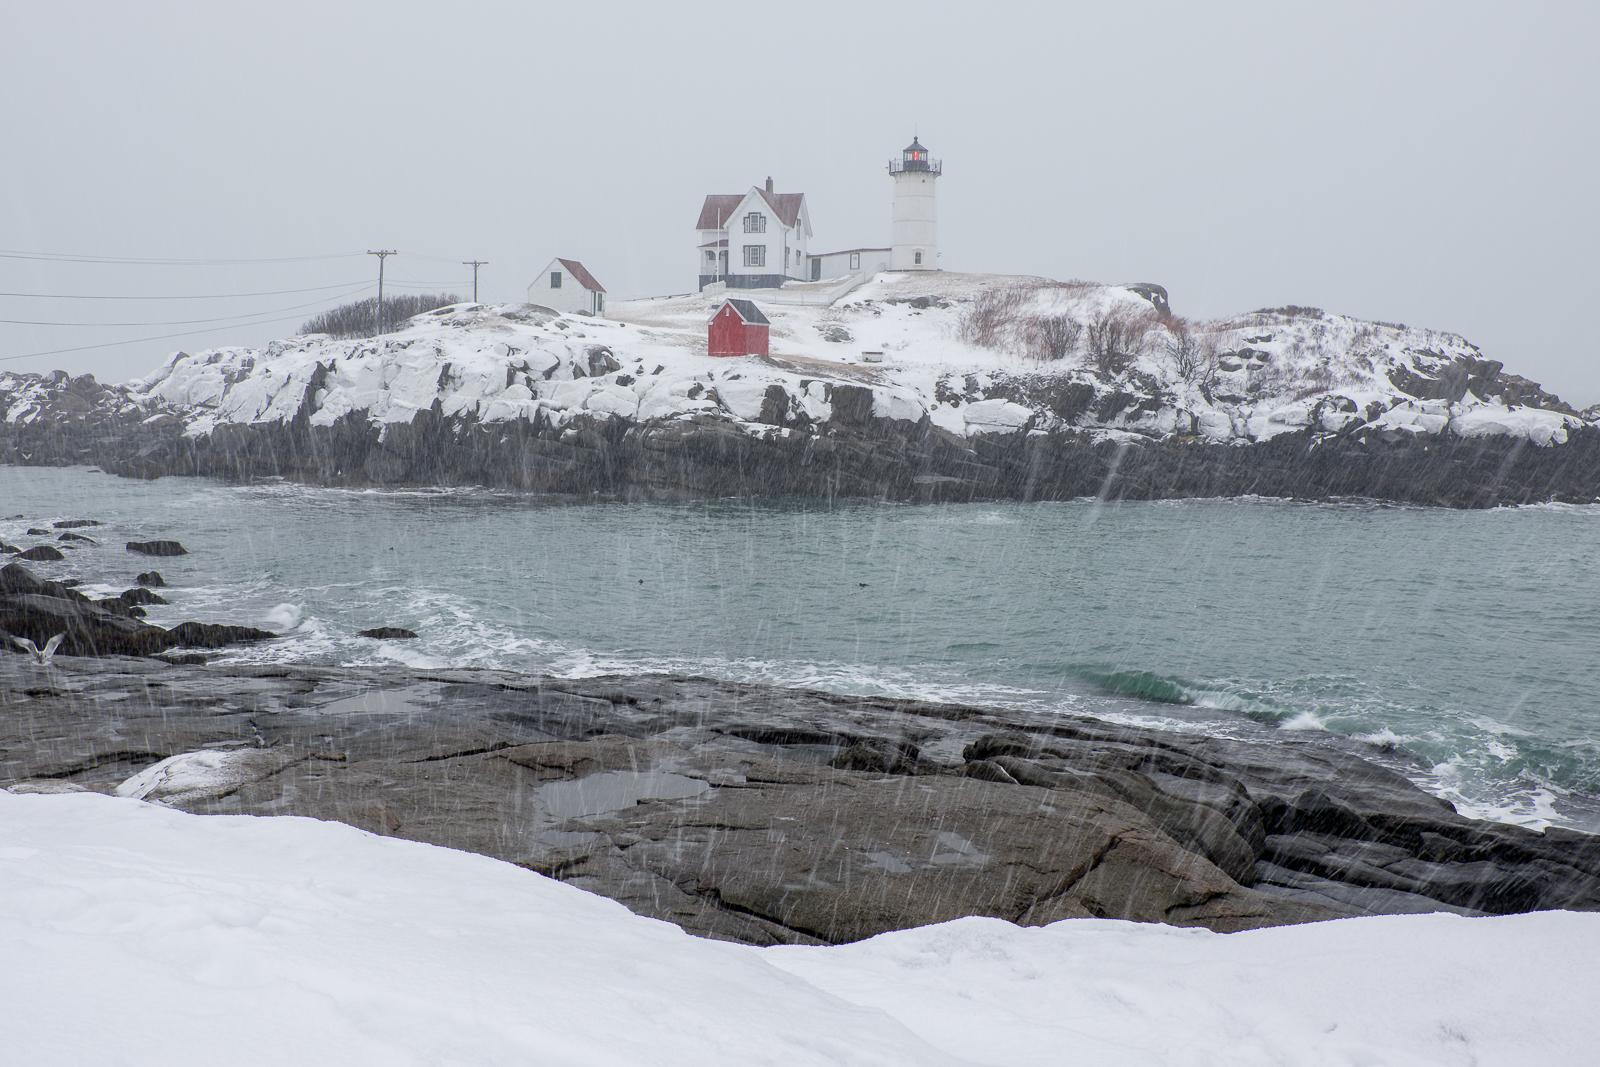 Snow, photo